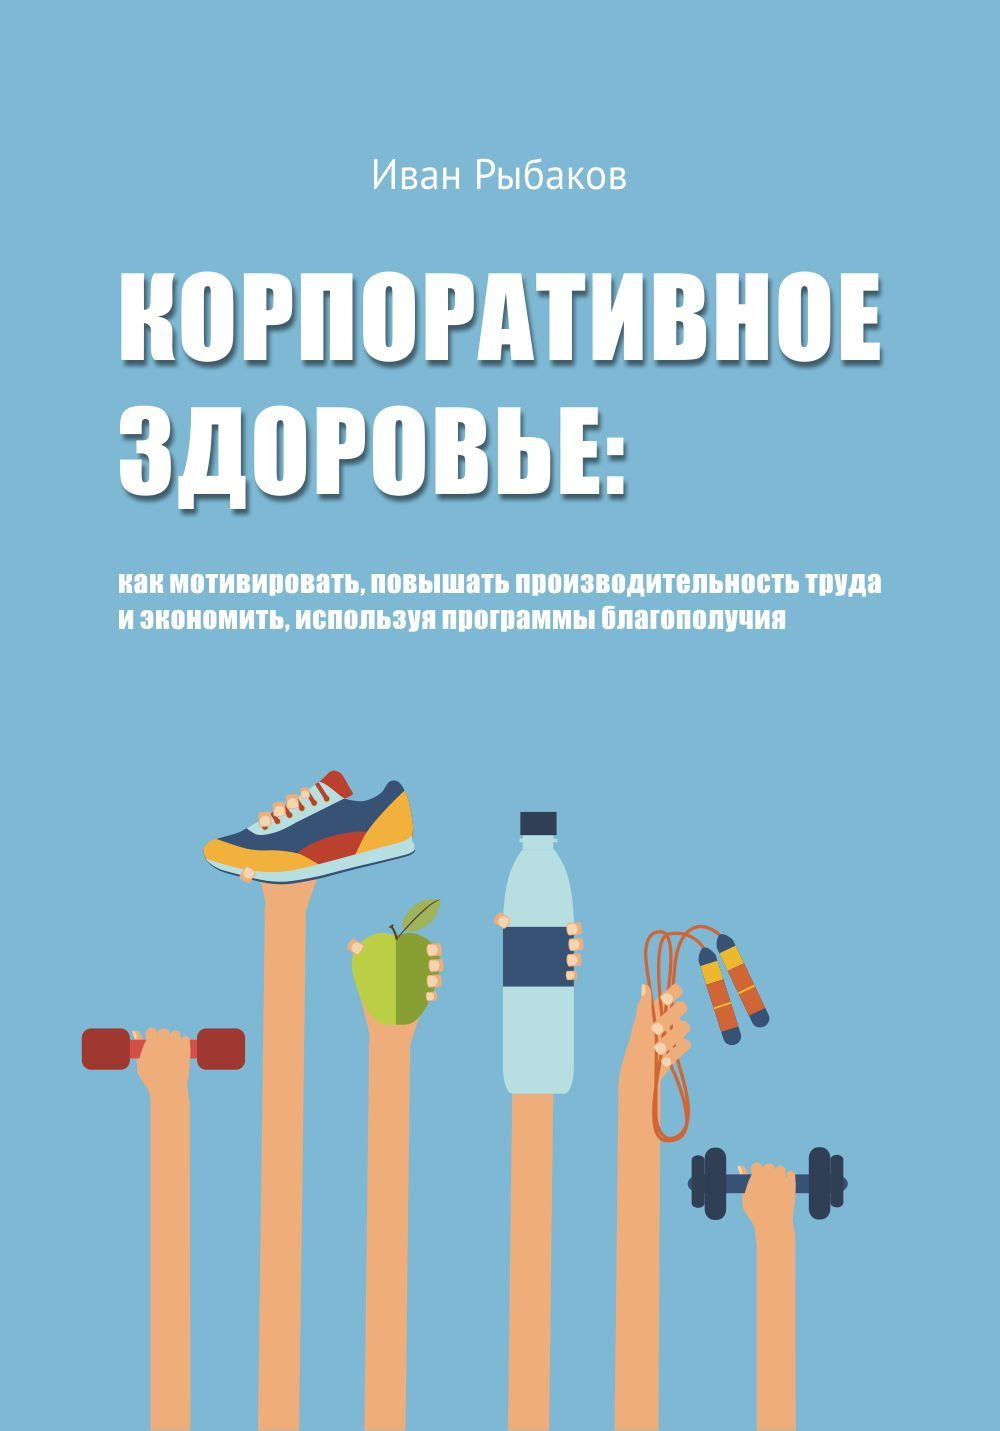 фото обложки издания Корпоративное здоровье: как мотивировать, повышать производительность труда и экономить, используя программы благополучия